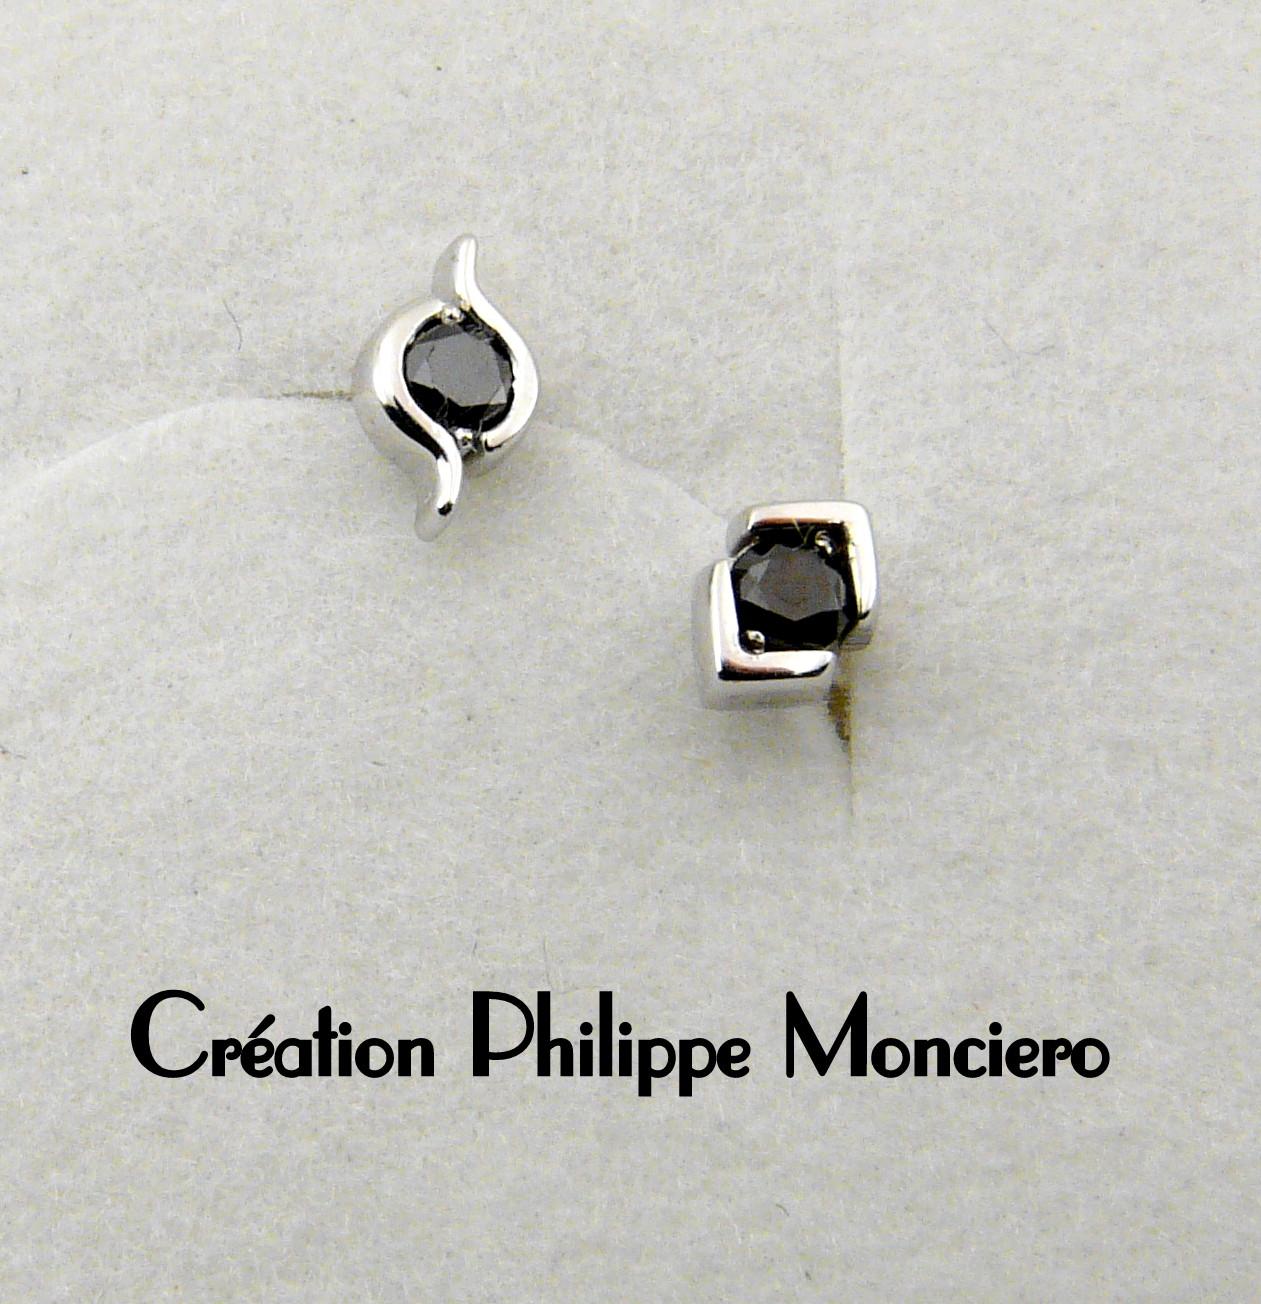 Boucles d'oreilles en or blanc et diamants noir. Monciero - Nîmes